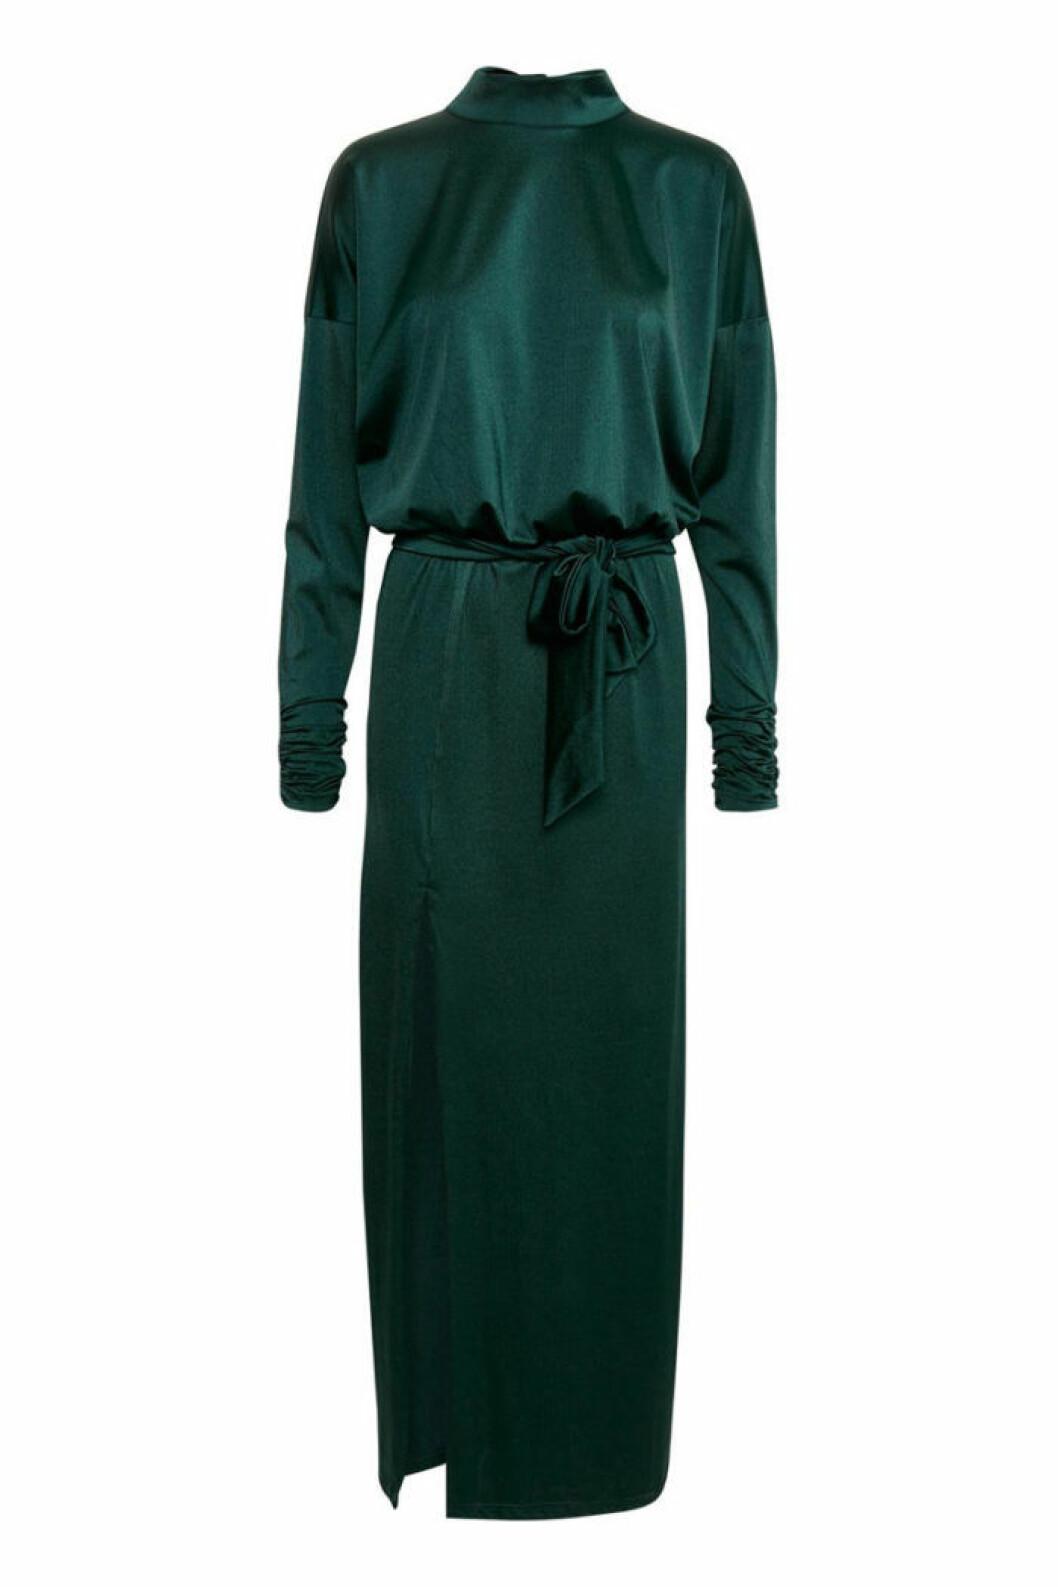 grön satängklänning med halvpolokrage från Gestuz